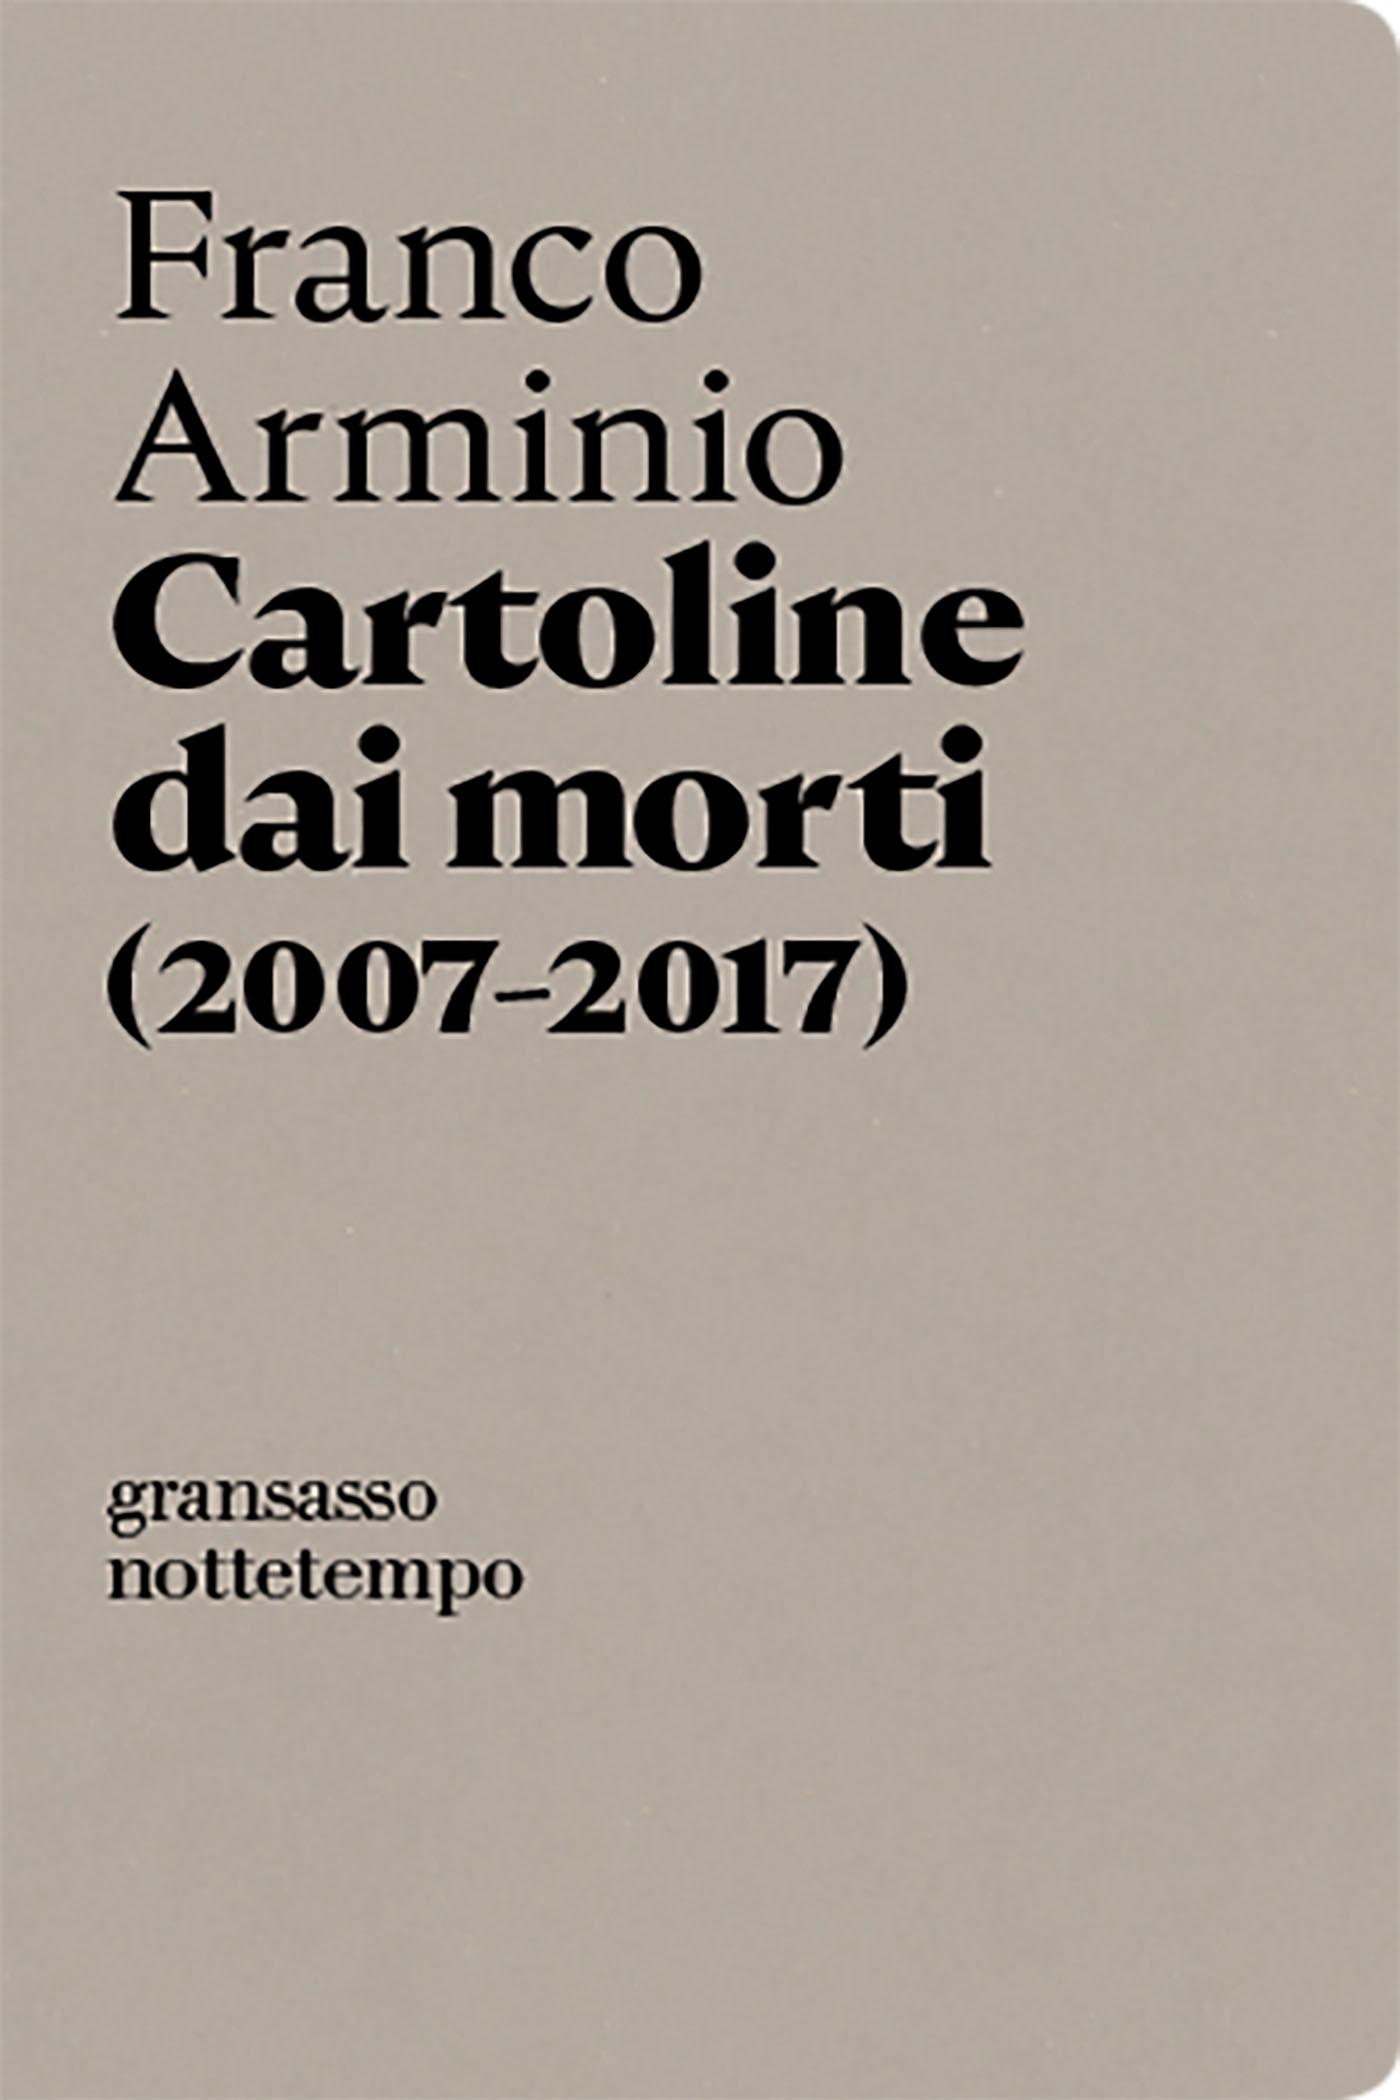 Cartoline dai morti (2007-2017)